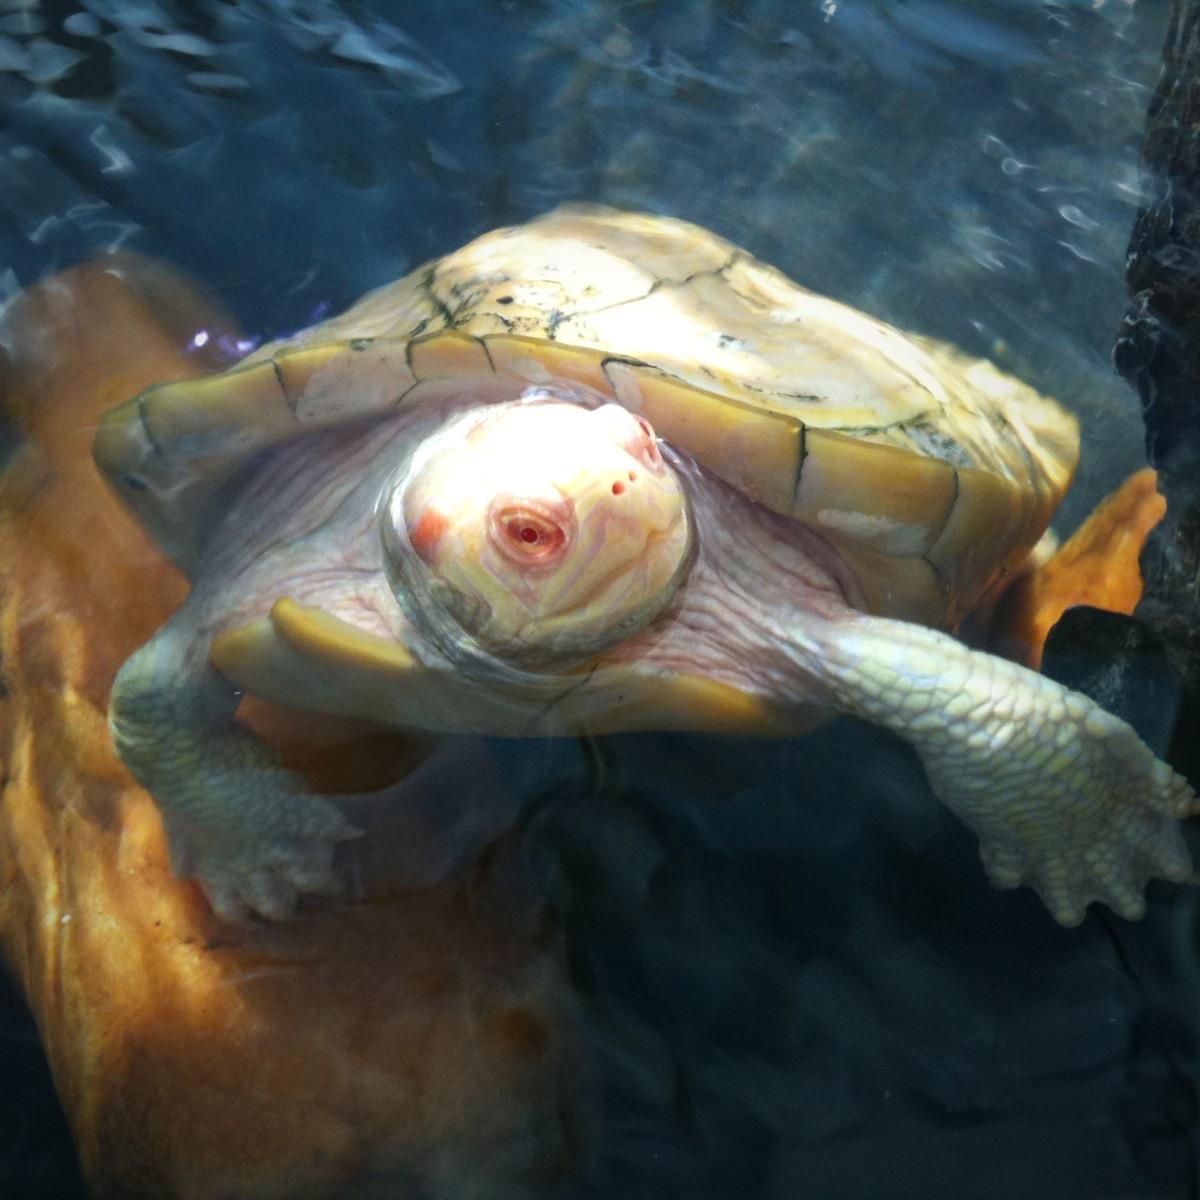 Tour of NC Aquarium - Fort Fisher - Mobile Photos